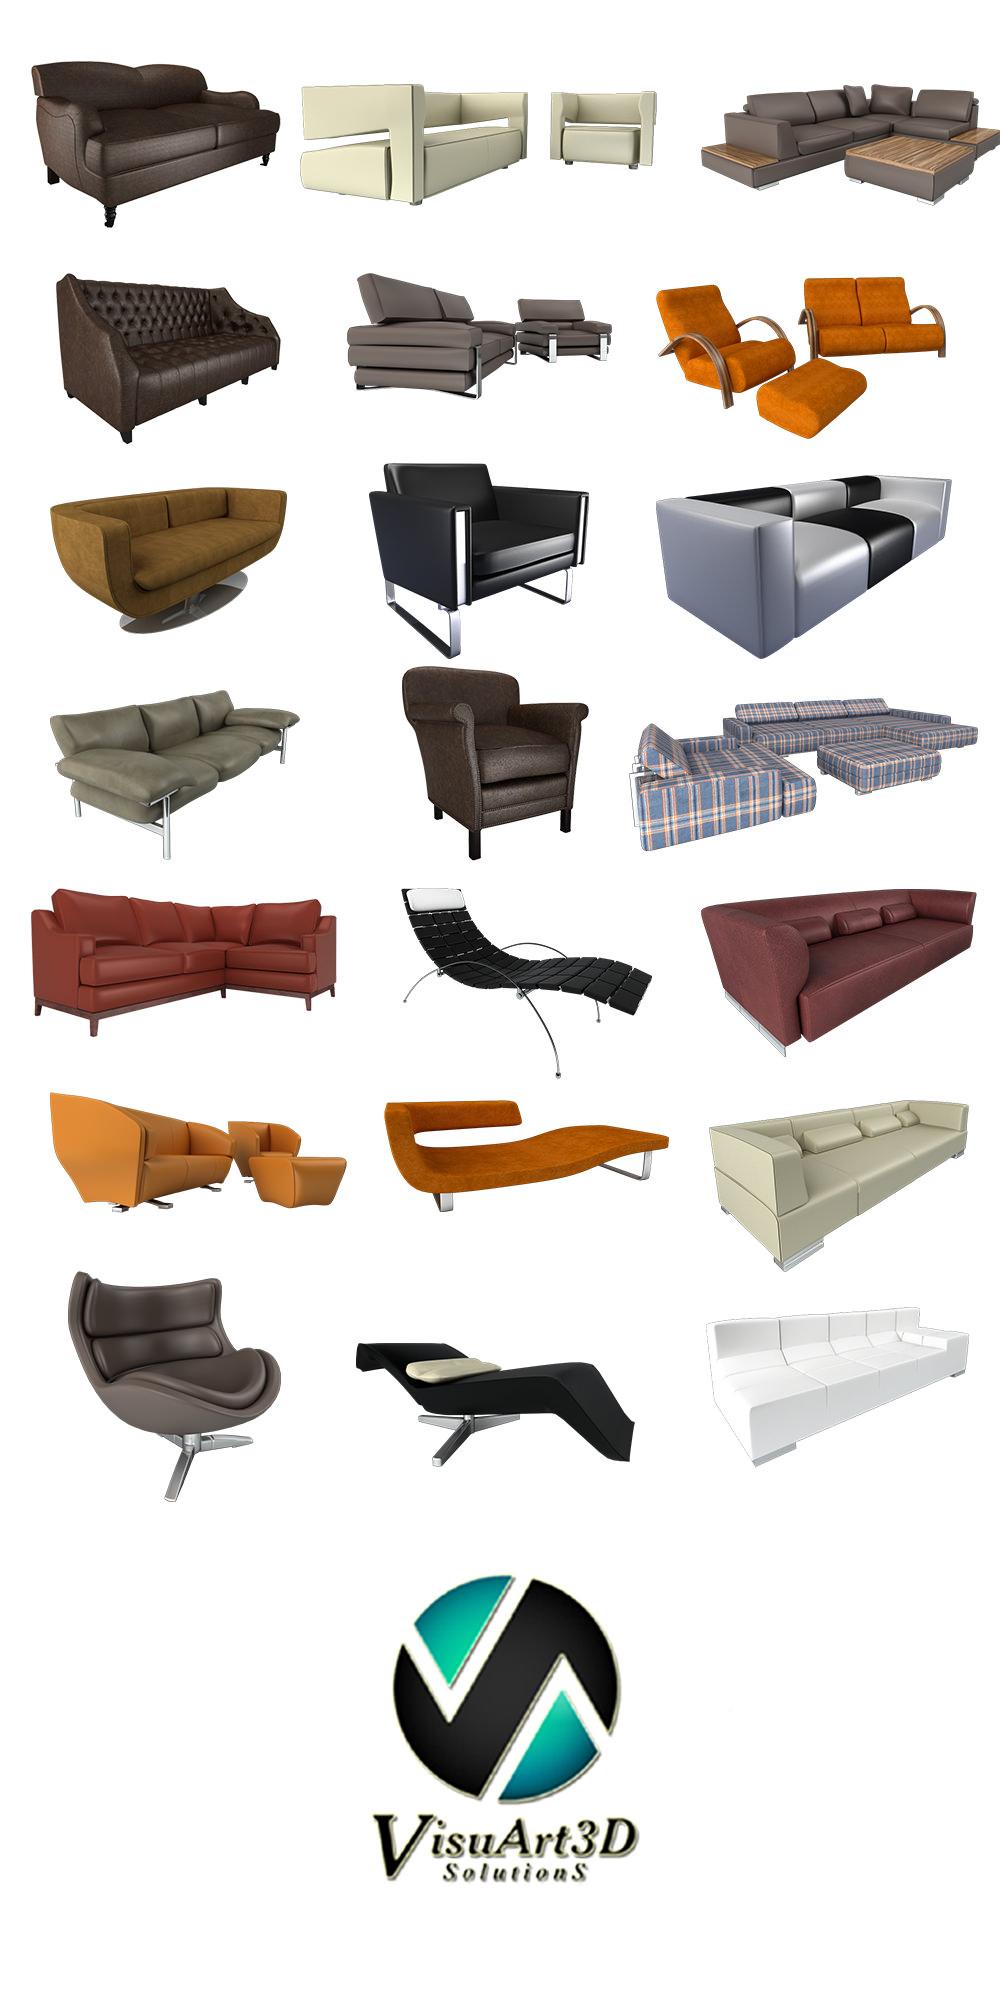 Sofa collection 3